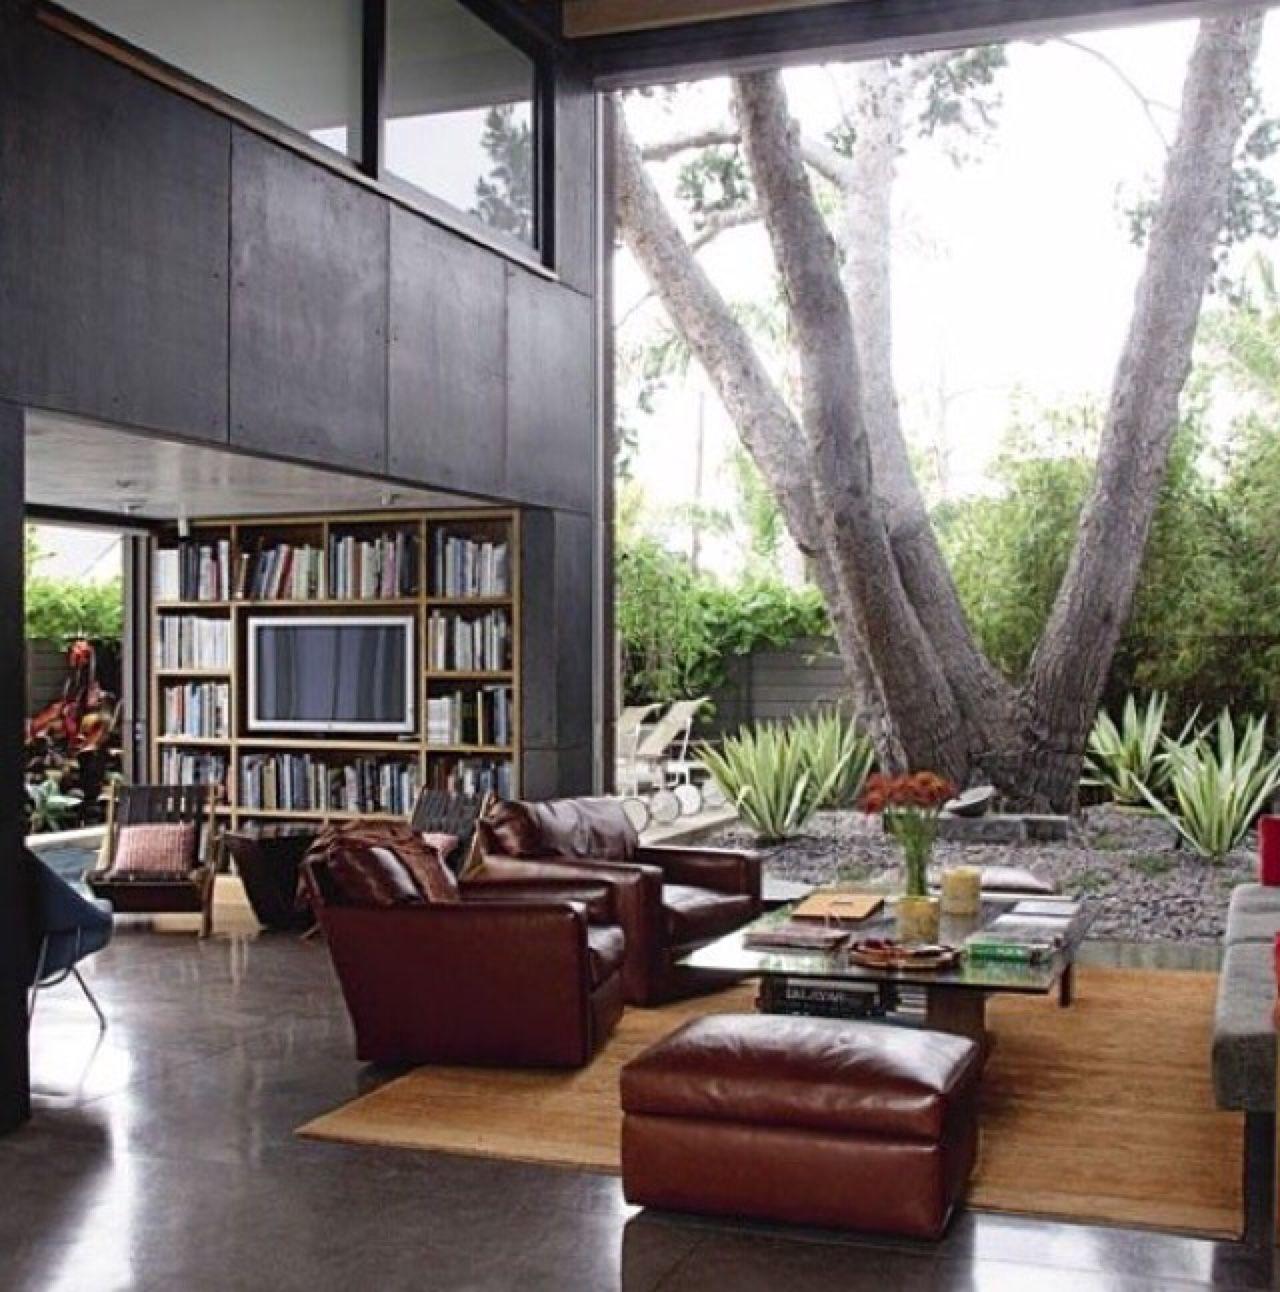 Sena Hospitality Design: Instagram.com/Fineinteriors - Fine Interiors